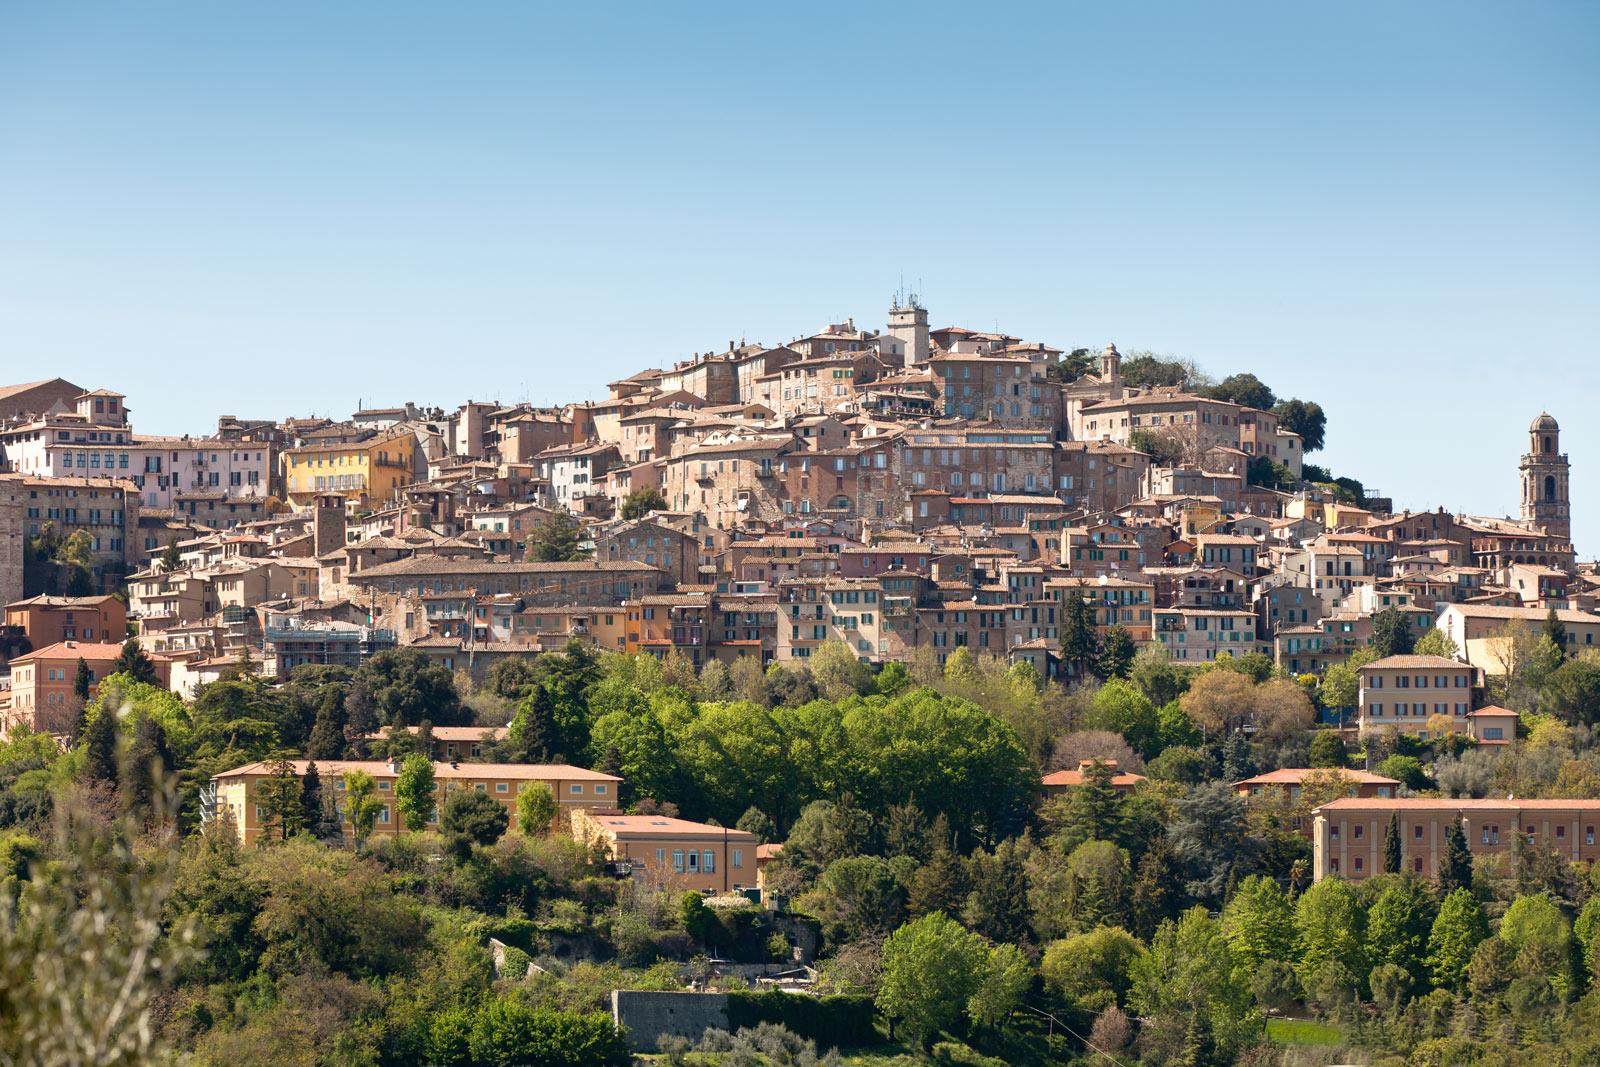 Perugia-in-Umbria-Italy